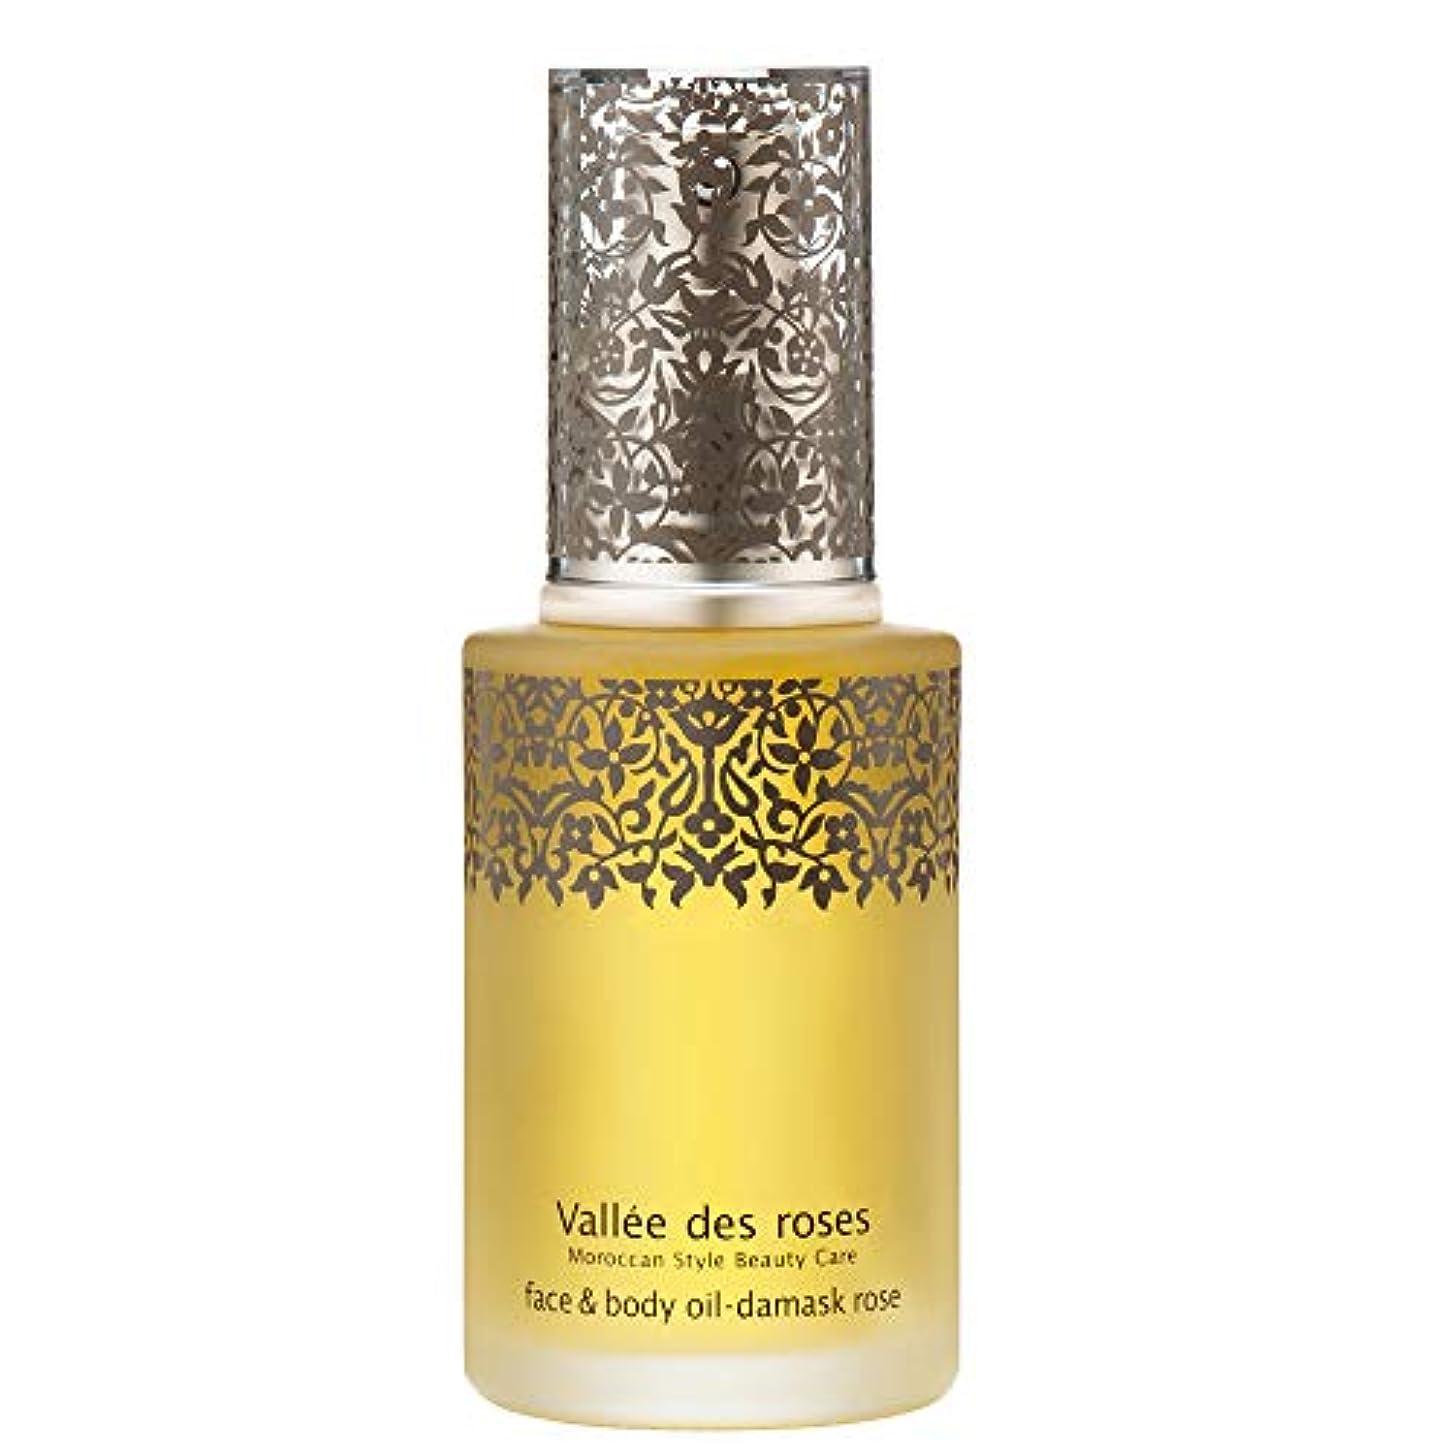 または大量アトムヴァレ ド ローズ(Vallée des roses) ヴァレ ド ローズ フェイス&ボディオイル 美容液 ローズ、ゼラニウム 60mL